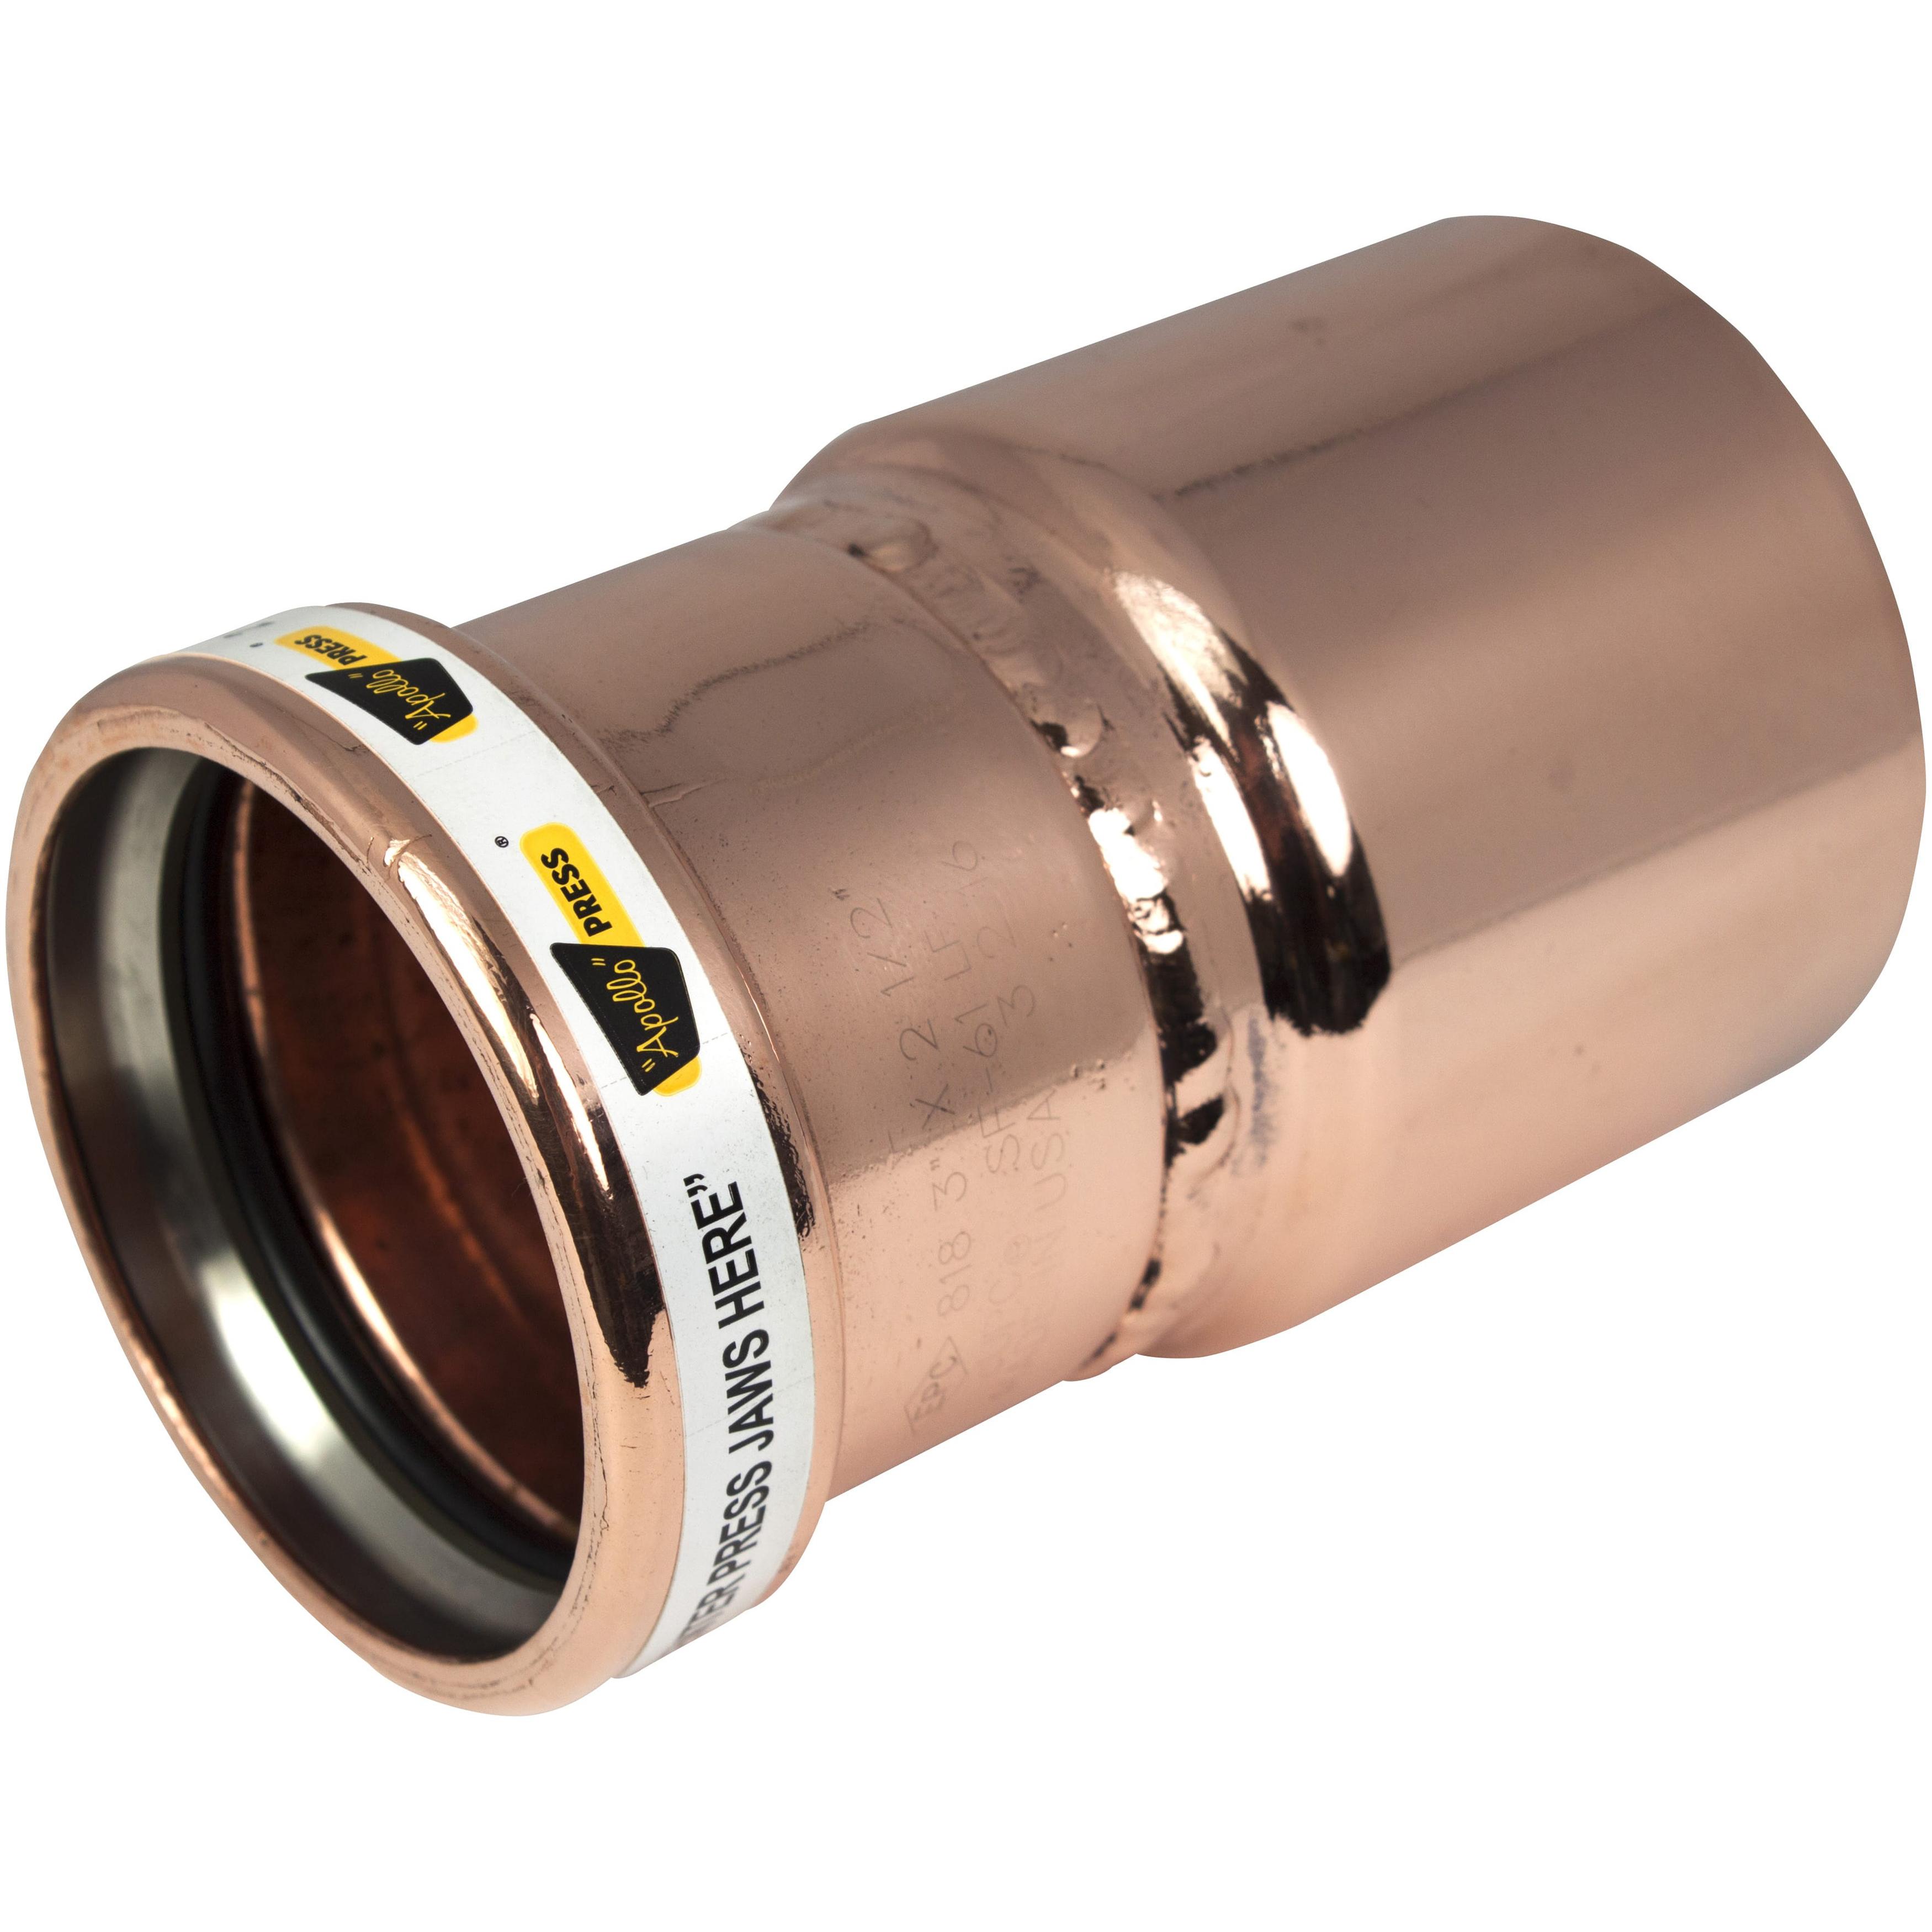 EPC Apollopress® 10057506 Copper Large Diameter Press Reducer, 4 in x 3 in, Fitting x Copper, Domestic